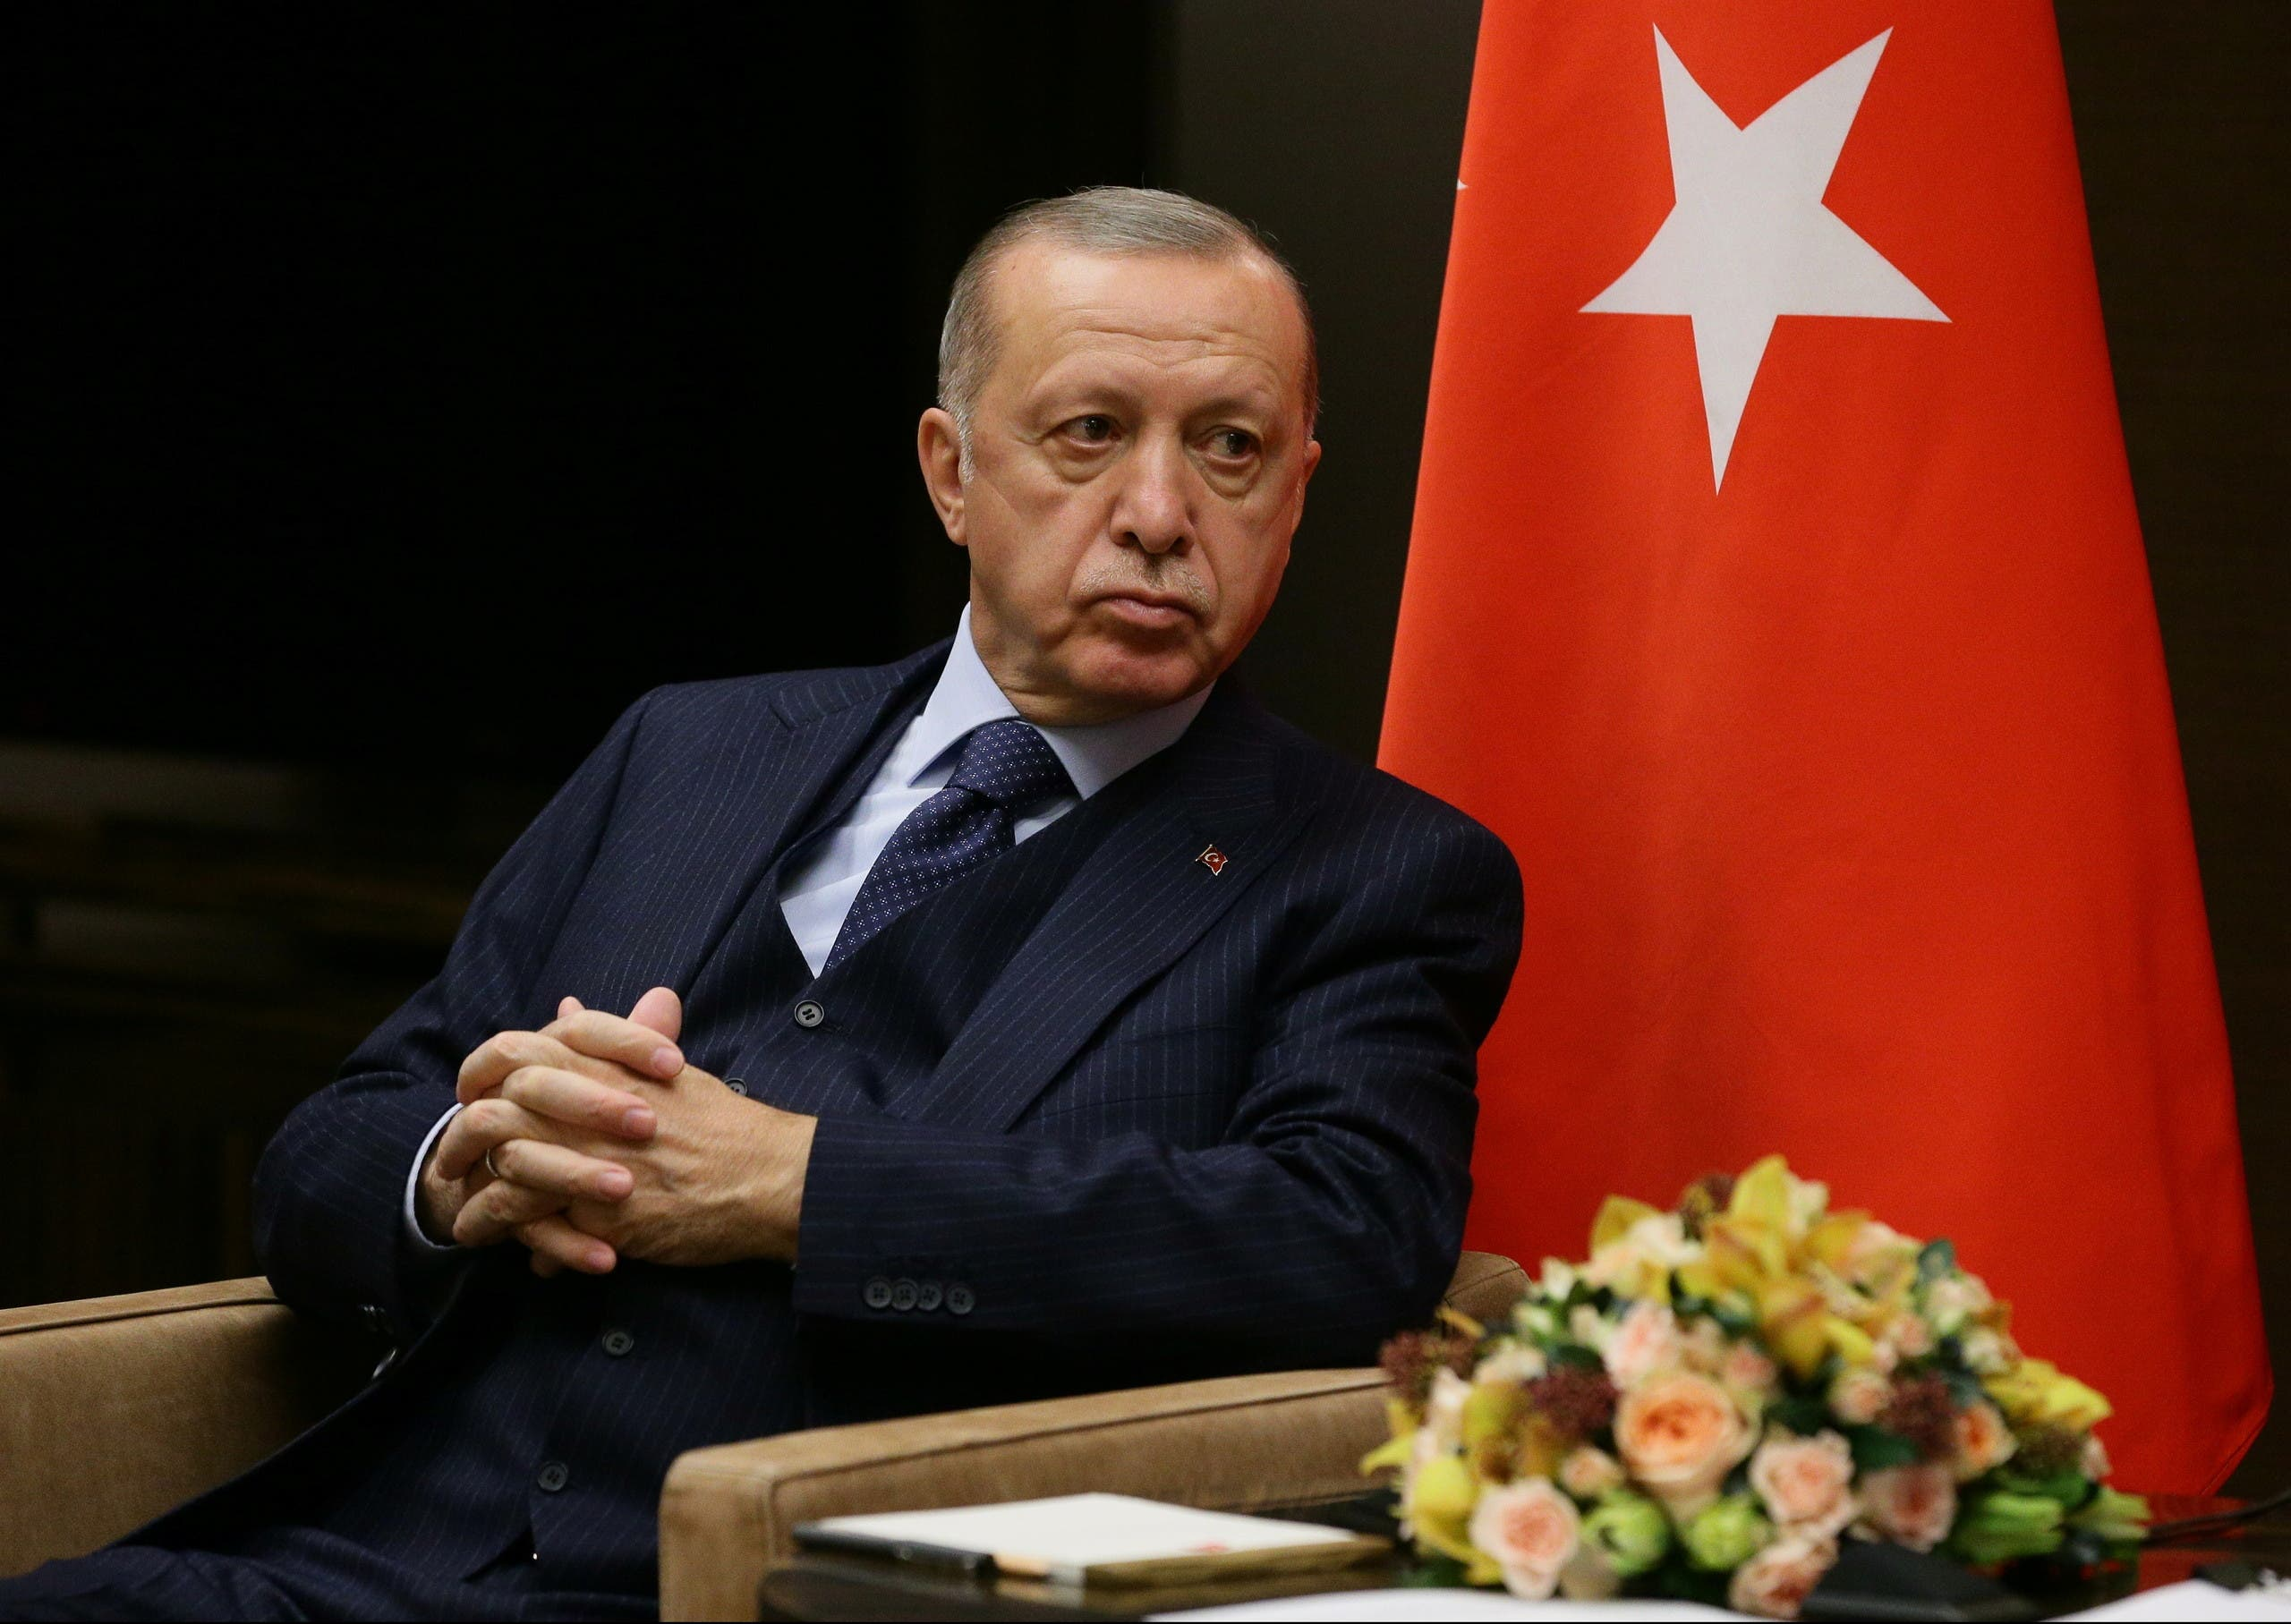 أردوغان خلال زيارة لروسيا في 29 سبتمبر الماضي